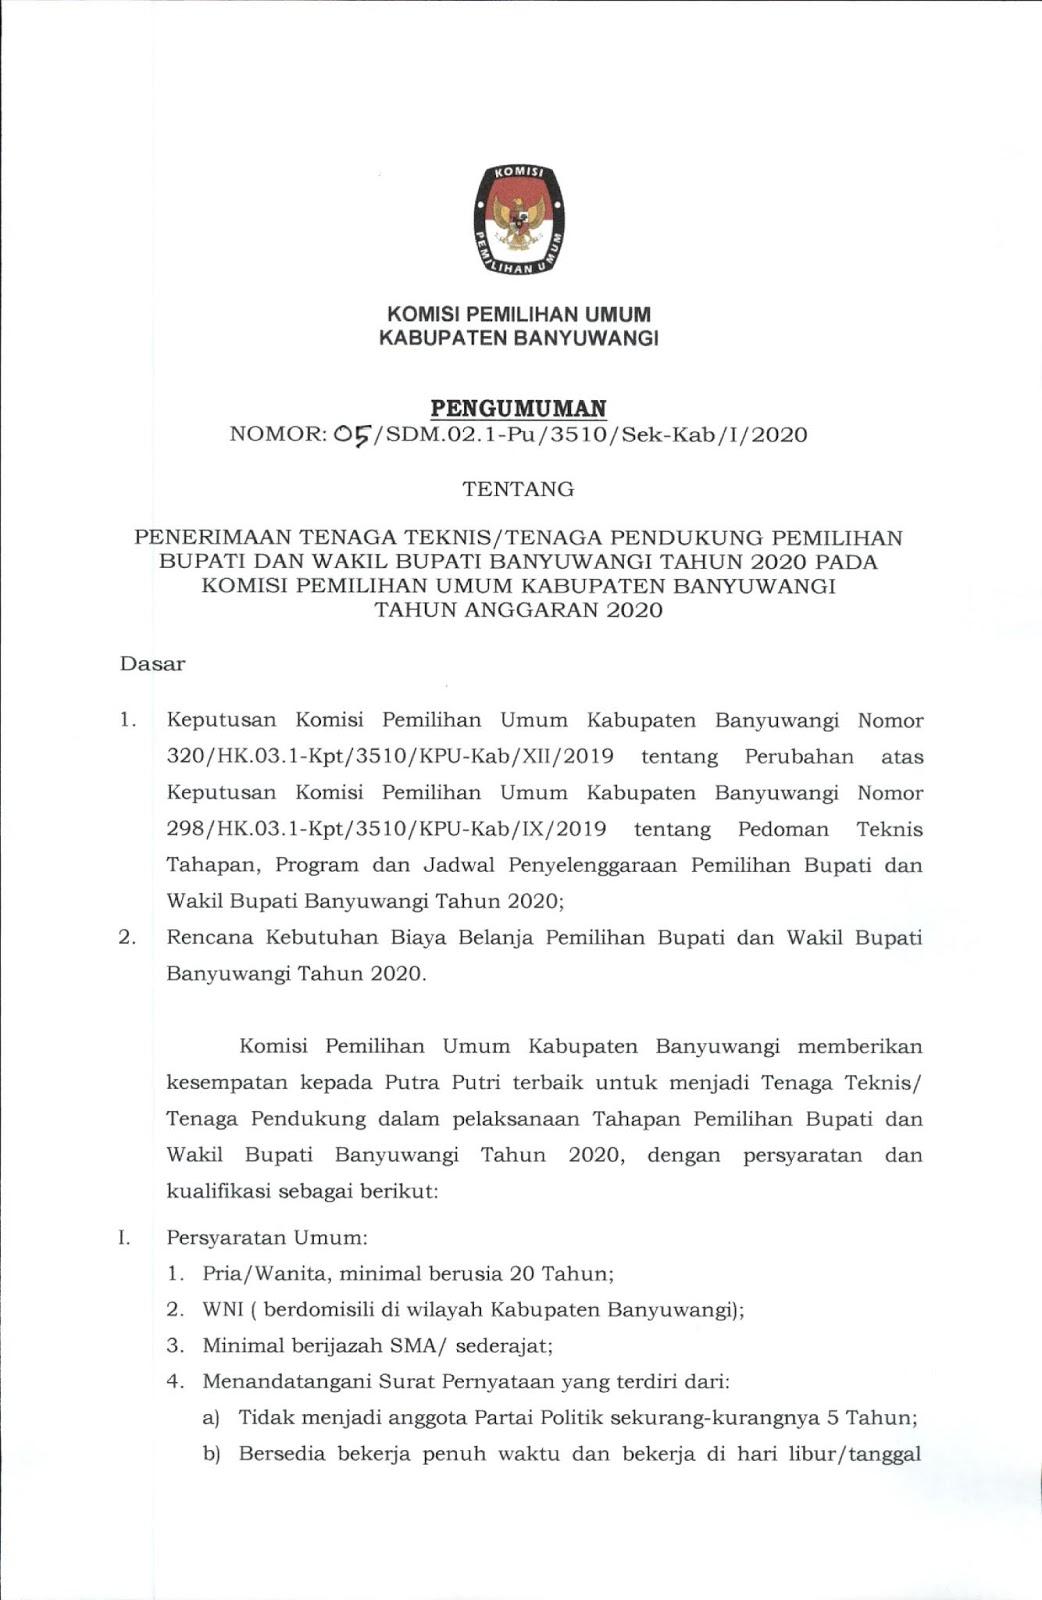 Lowongan Kerja Terbaru Komisi Pemilihan Umum Bulan Januari 2020